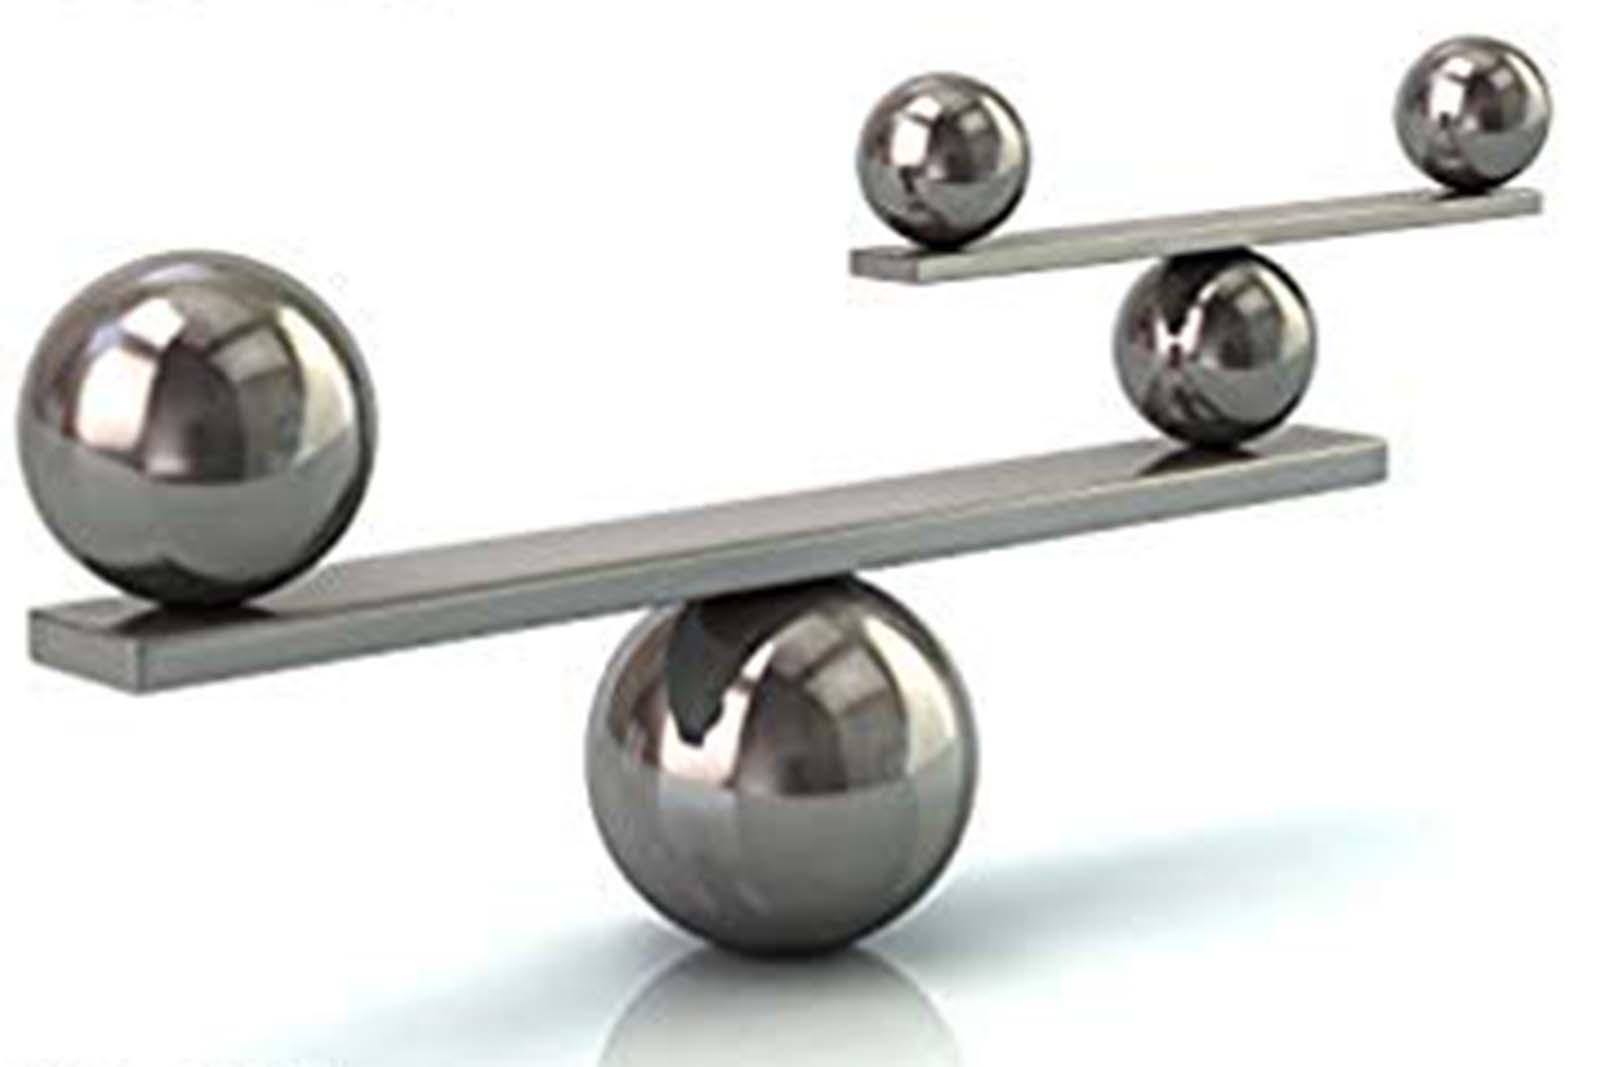 Photo of metal balls balancing on metal rods